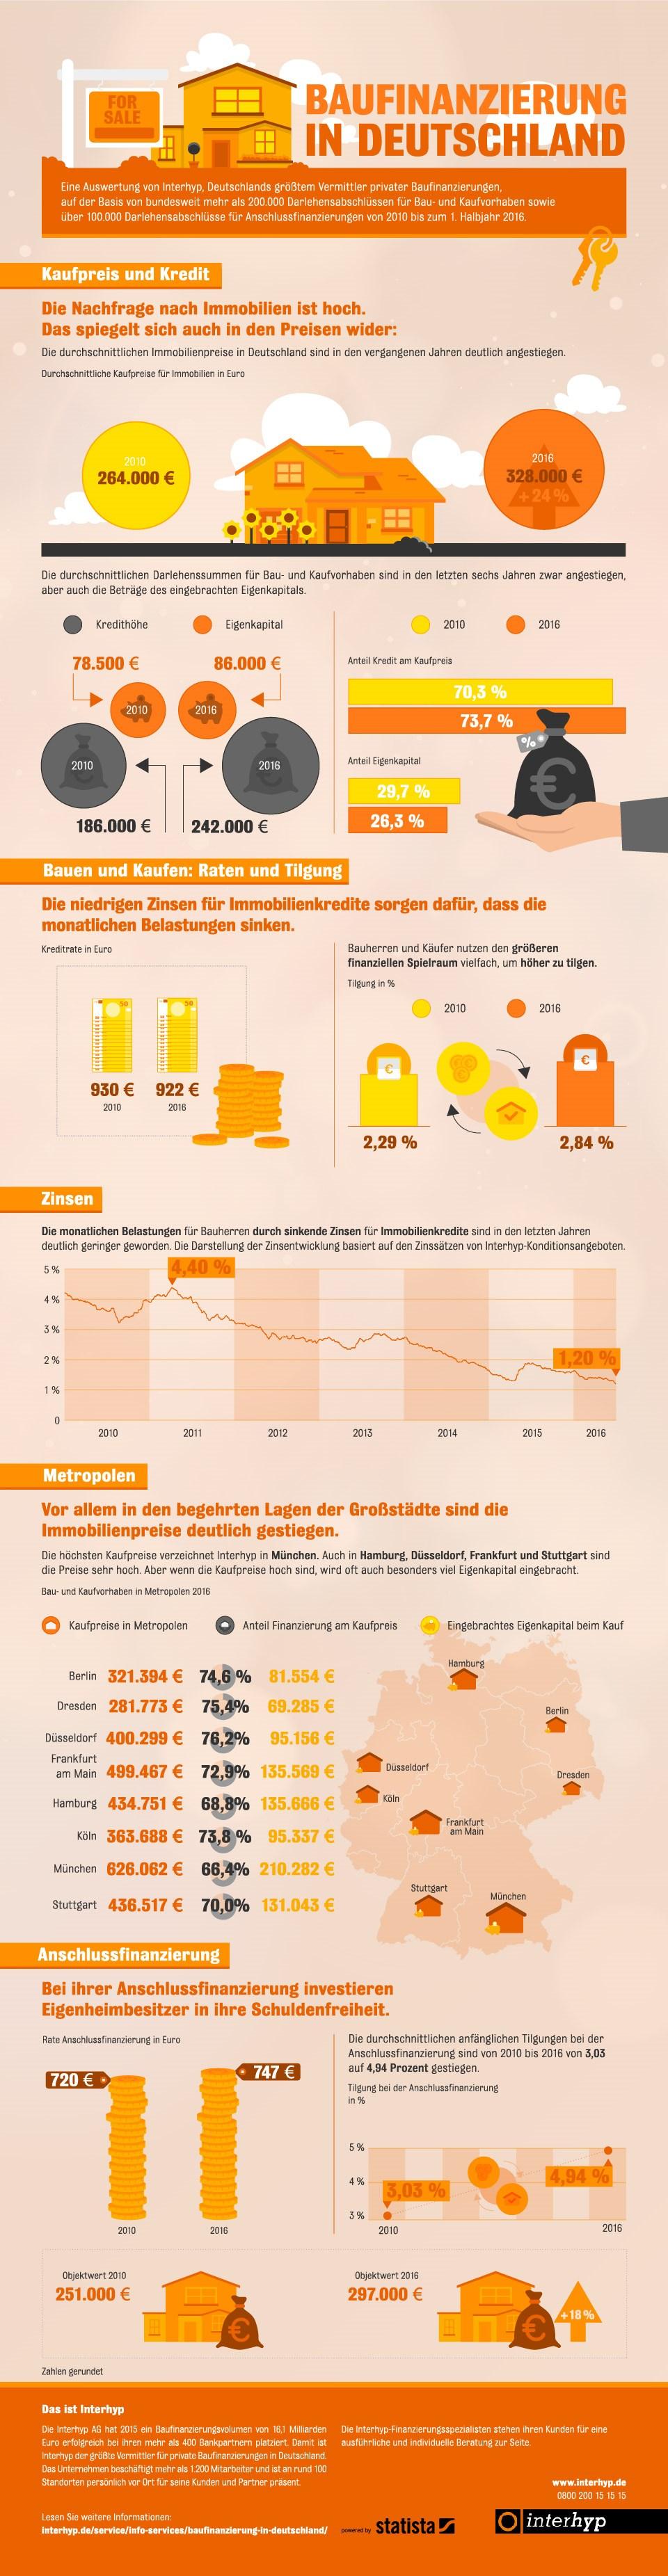 infografik-statista-interhyp-baufinanzierung